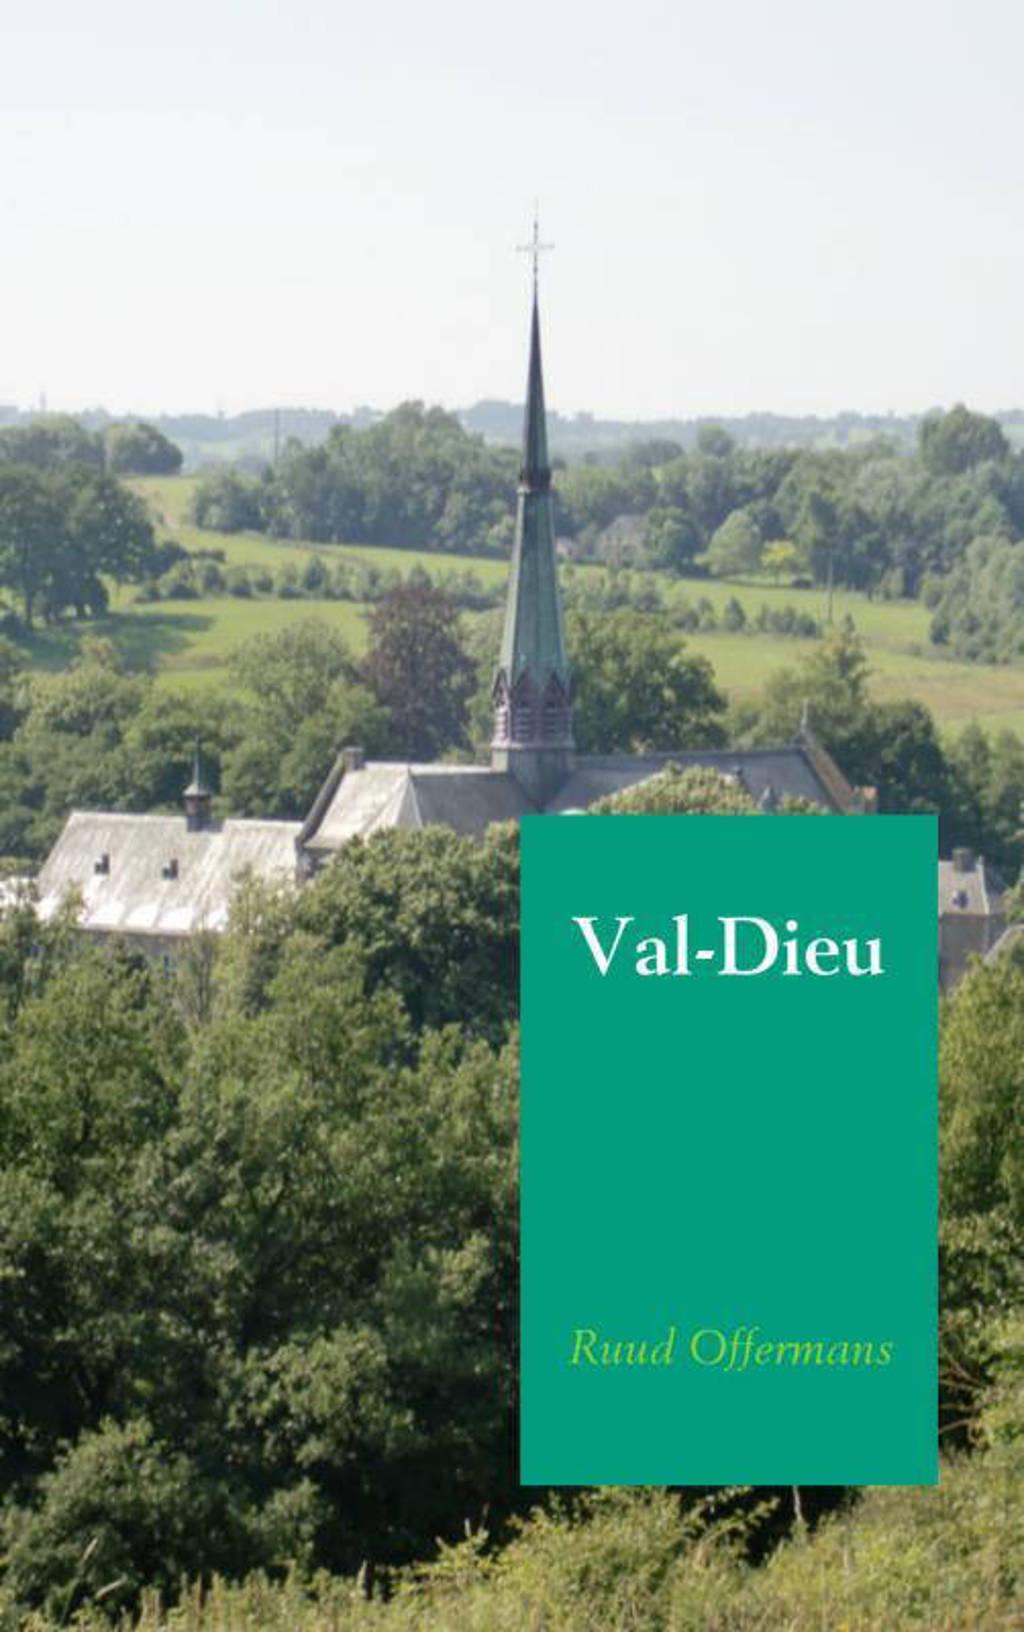 Val-Dieu - Ruud Offermans